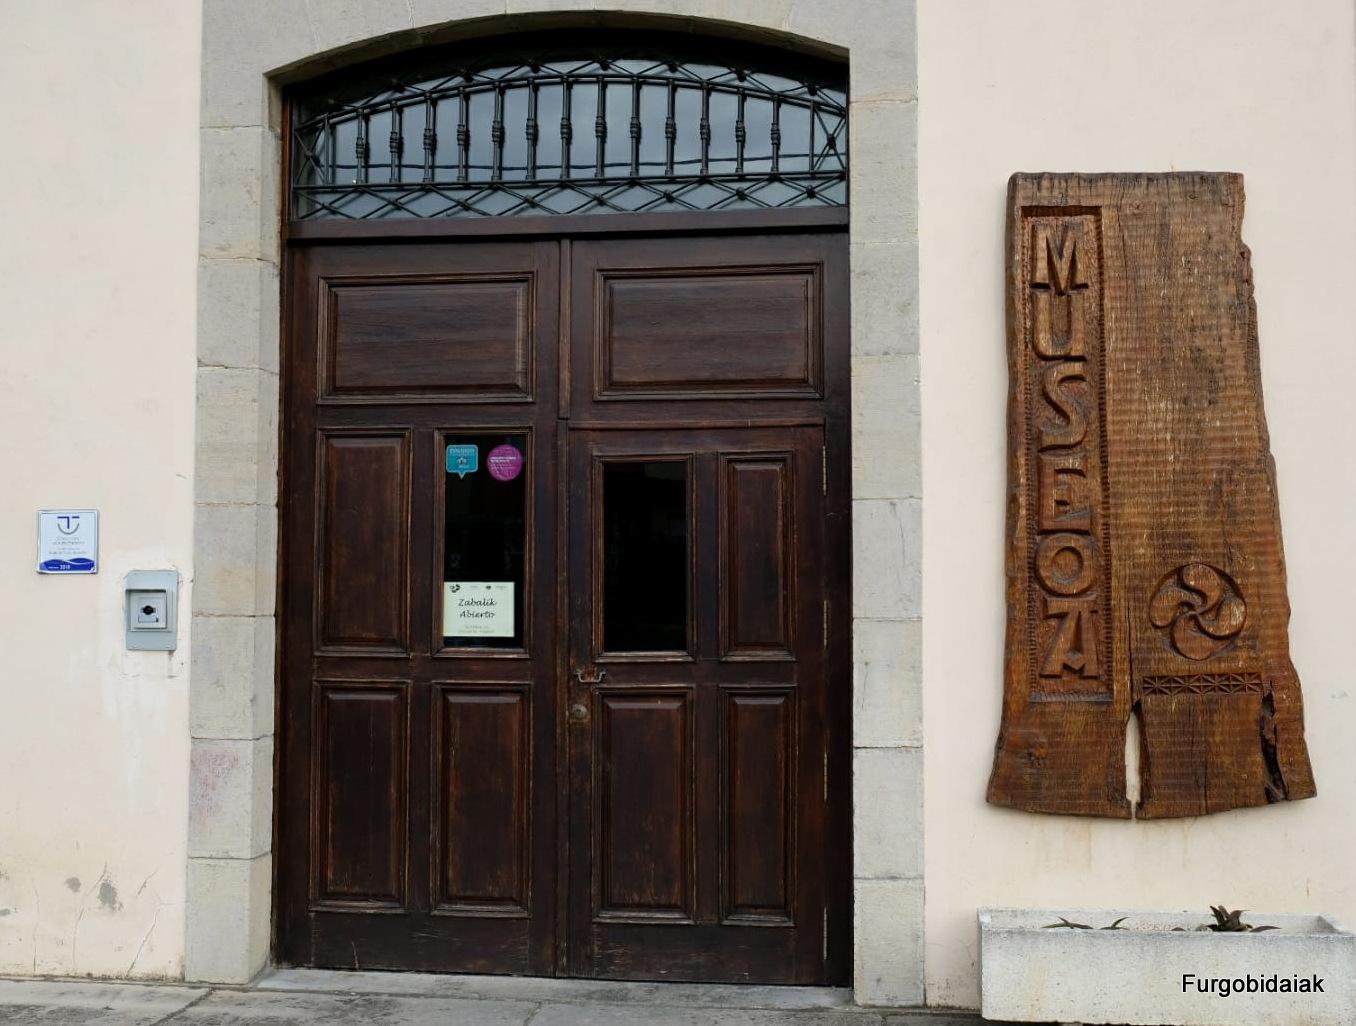 Museo de Etnografía de Artziniega, Museos vascos, Artziniega